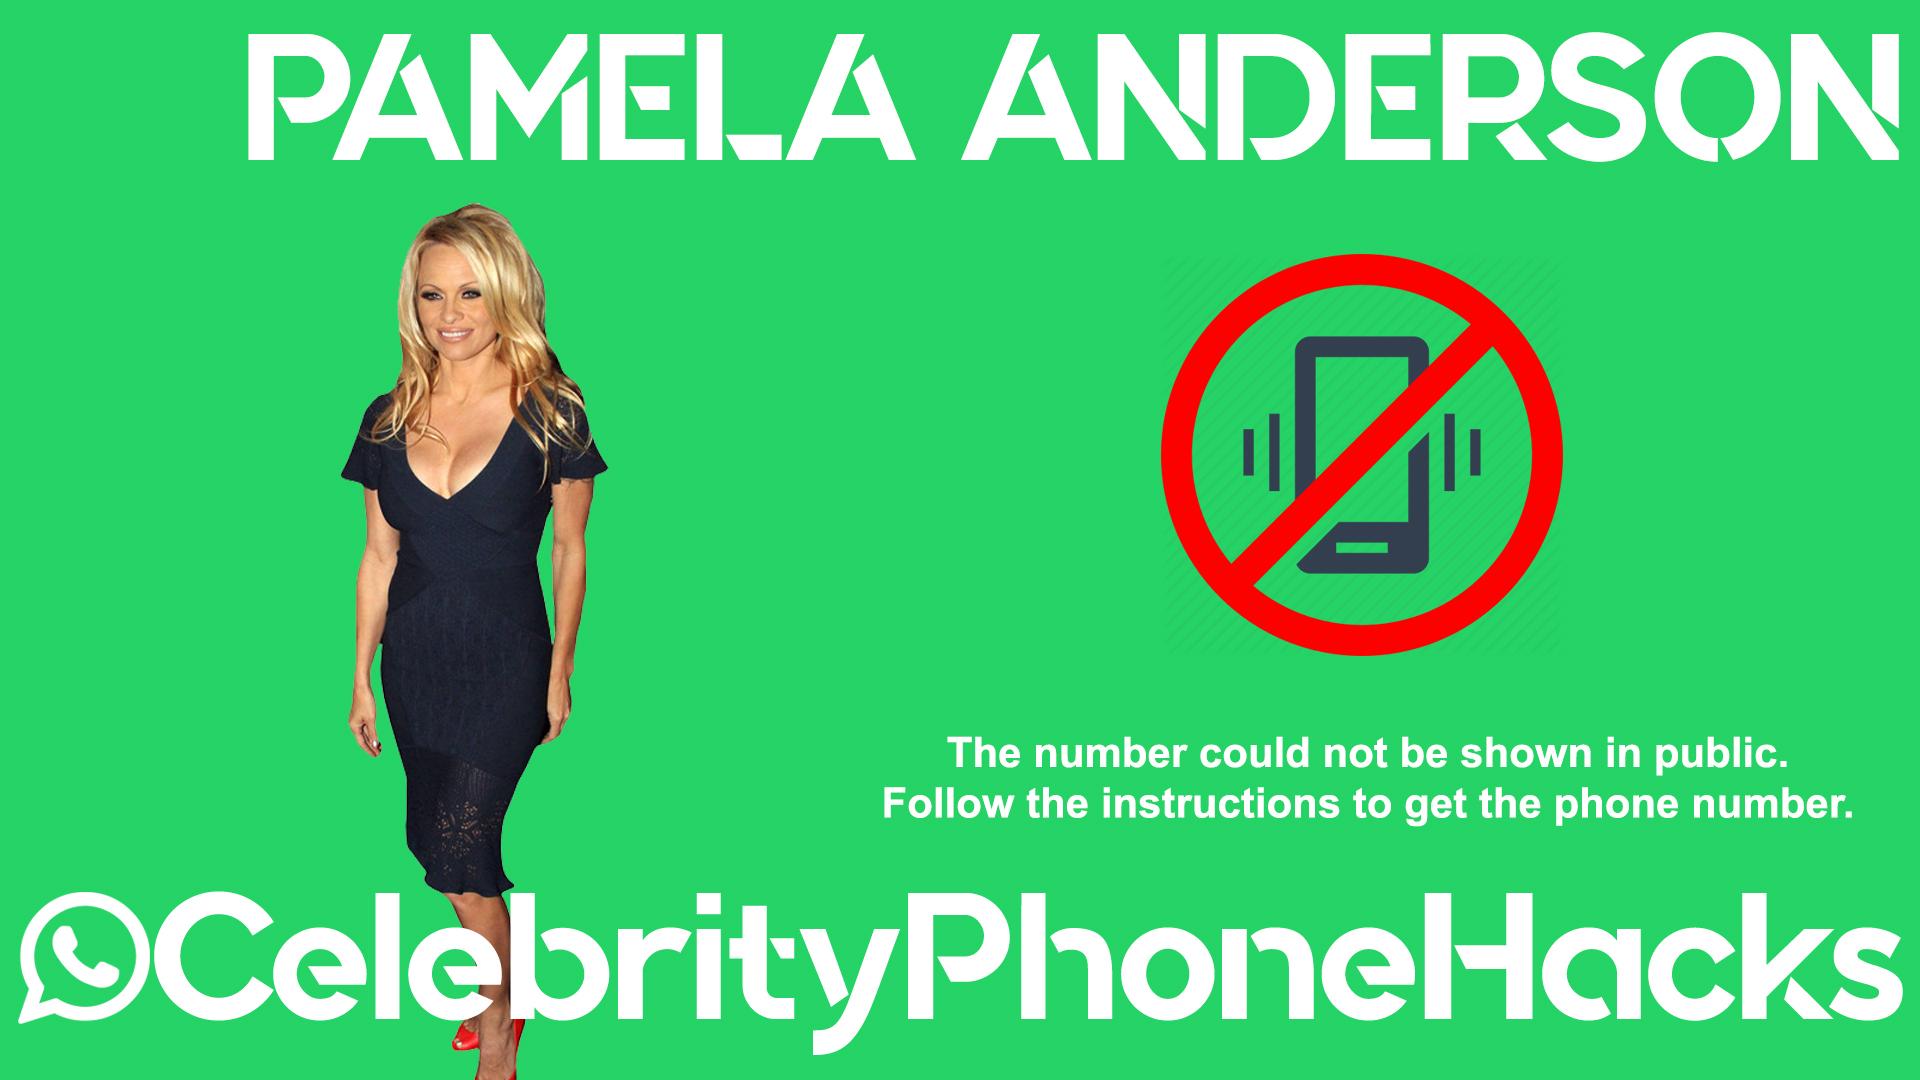 Pamela Anderson real phone number 2019 whatsapp hacked leaked